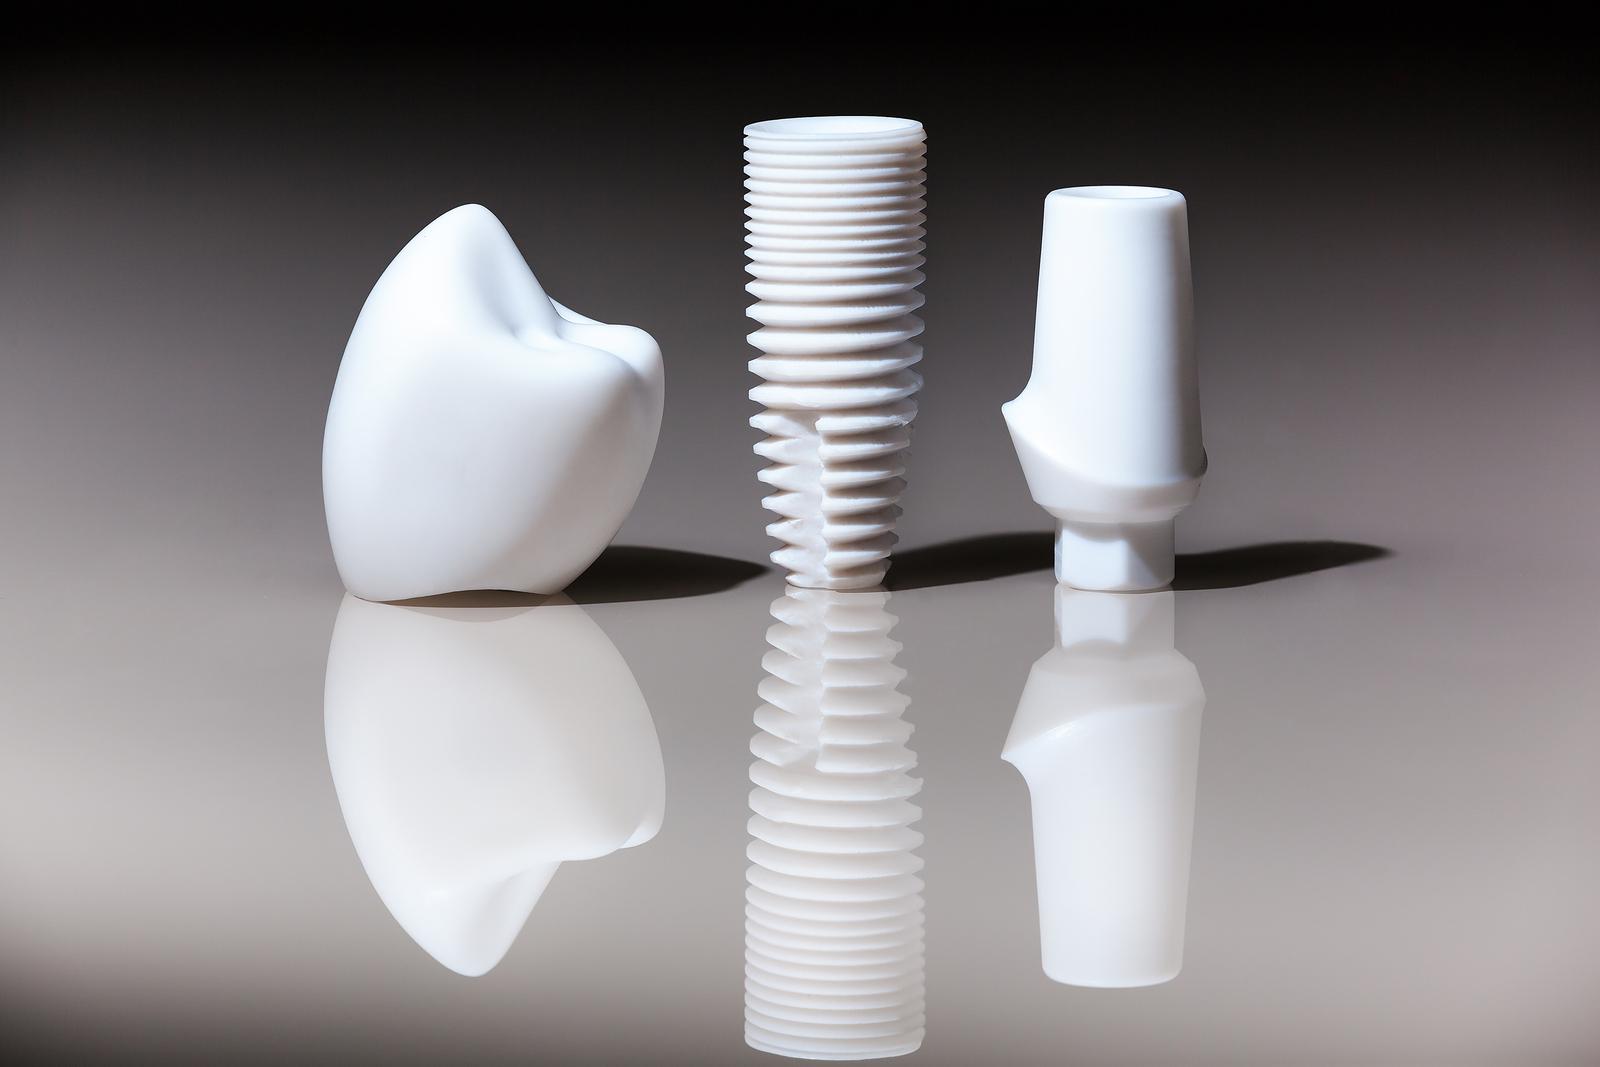 Modelos de implante Clínica dental guipuzcoa